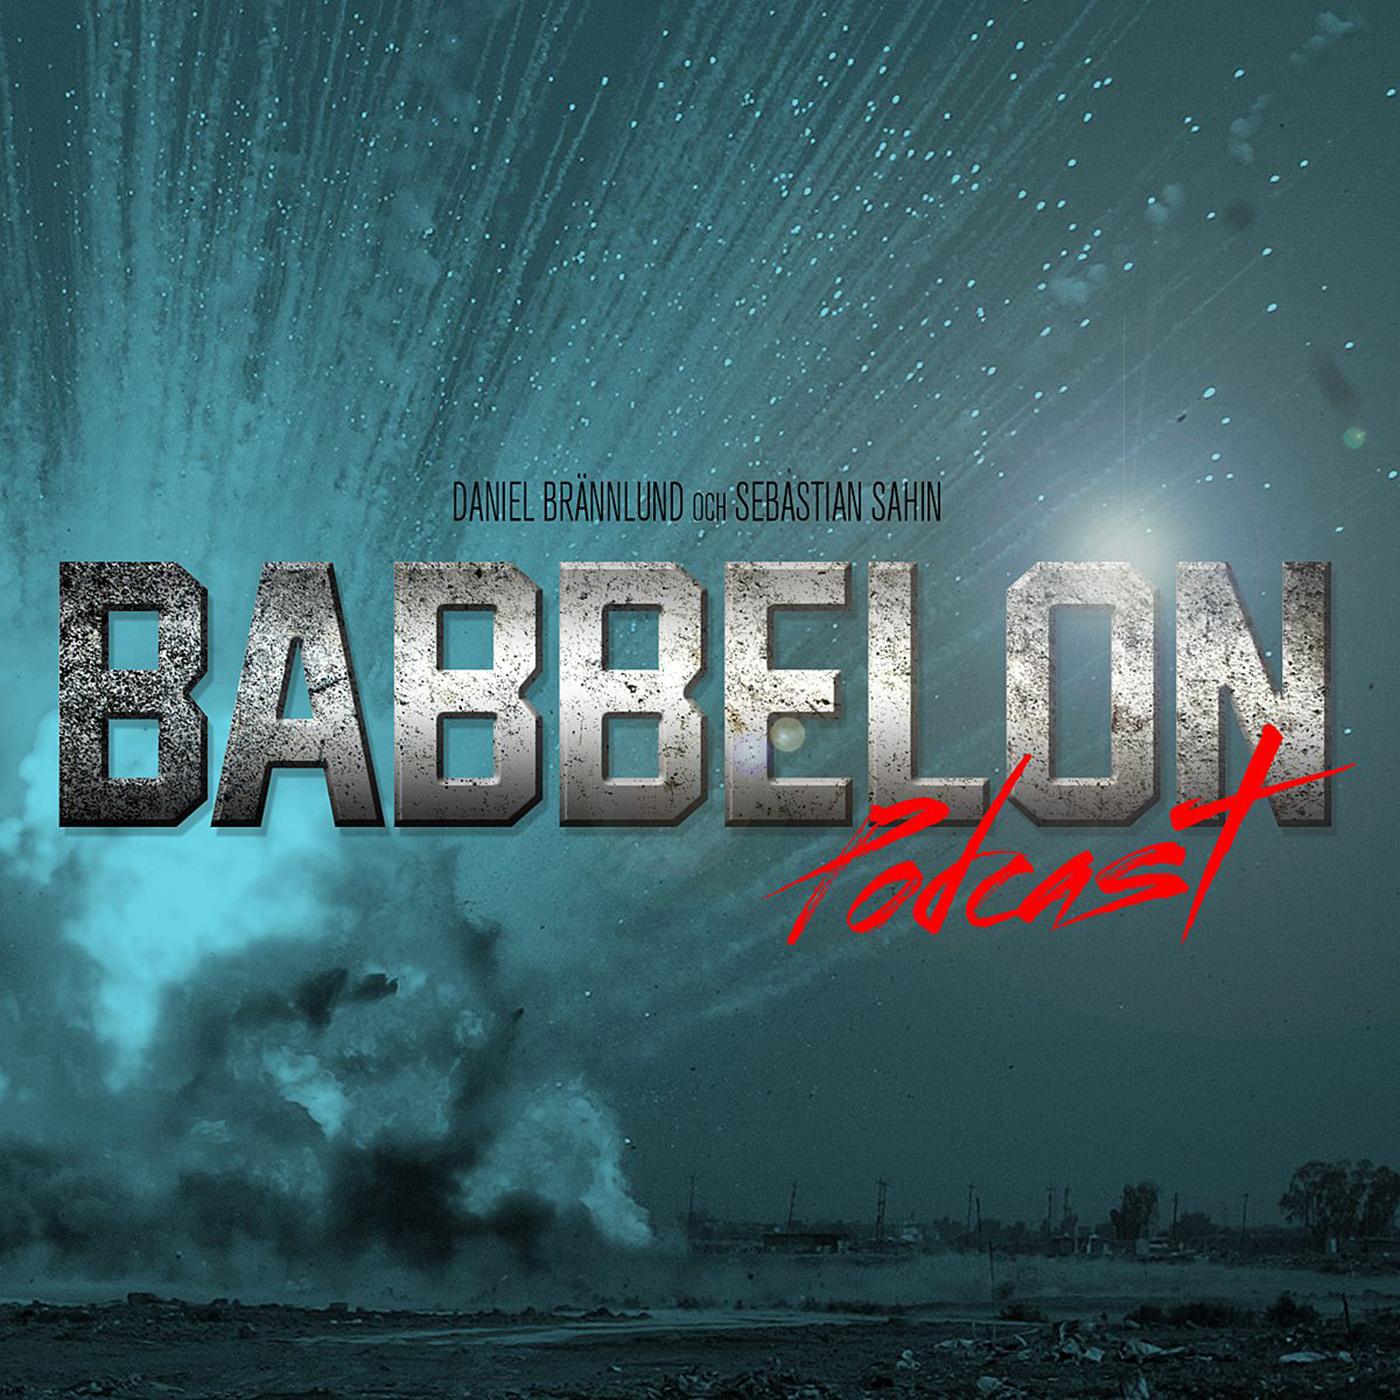 Babbelon